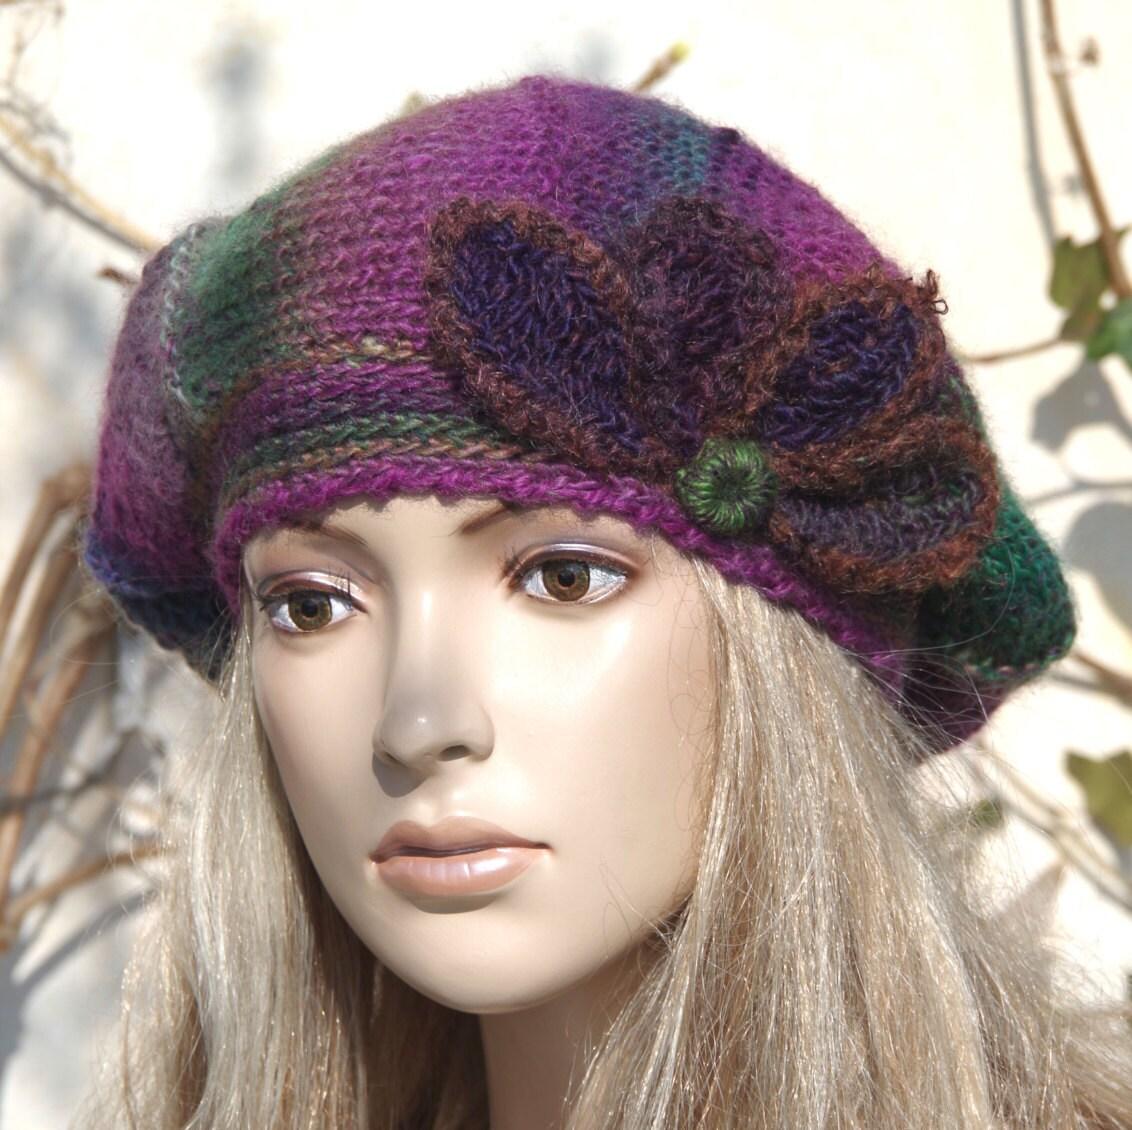 knit beret hat womenpurplegreen knit hat knit beret by degra2